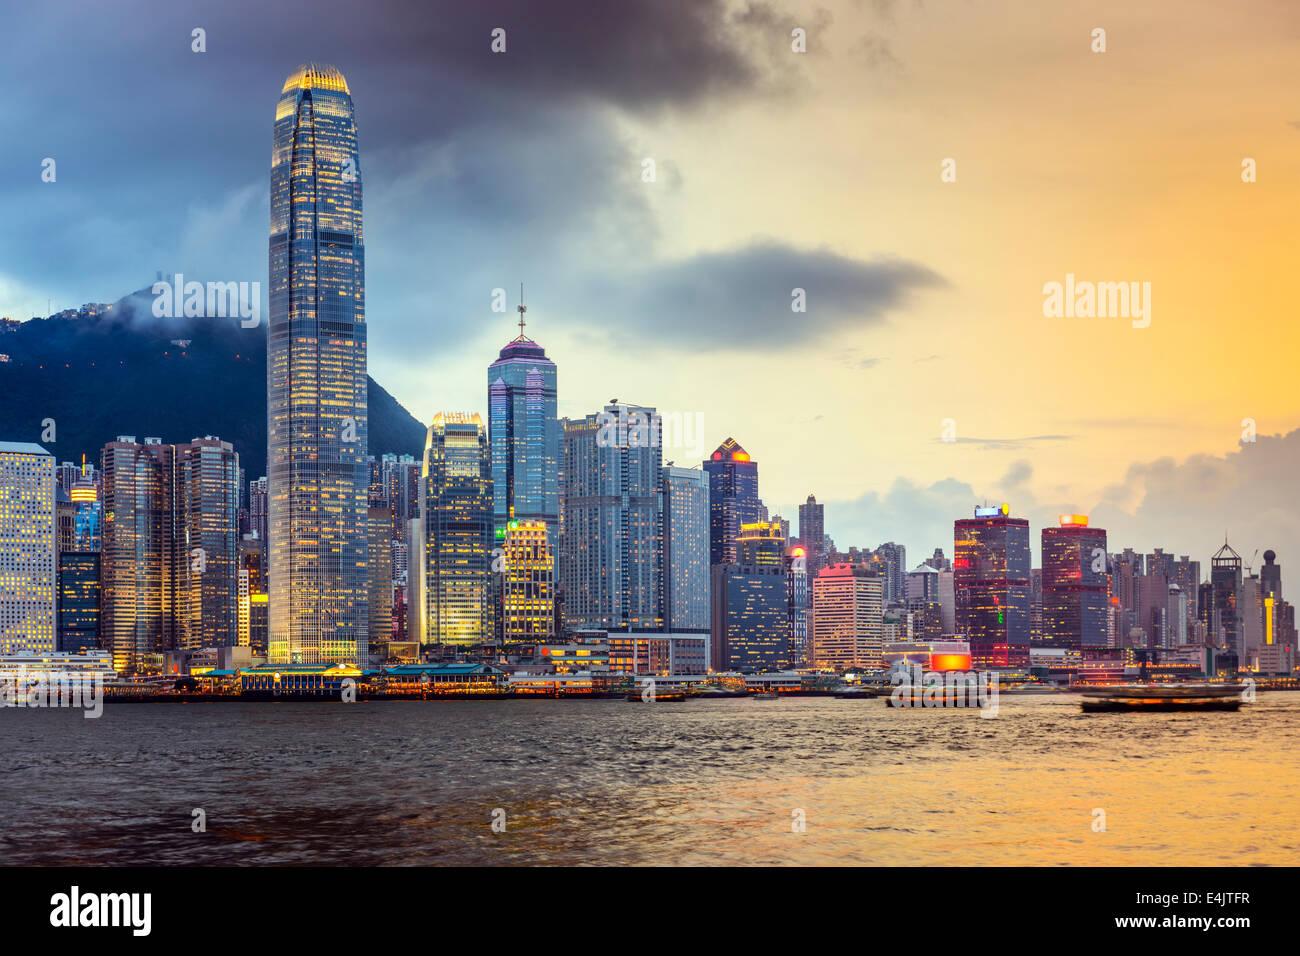 Hong Kong Cina skyline della città presso il Victoria Harbour. Immagini Stock